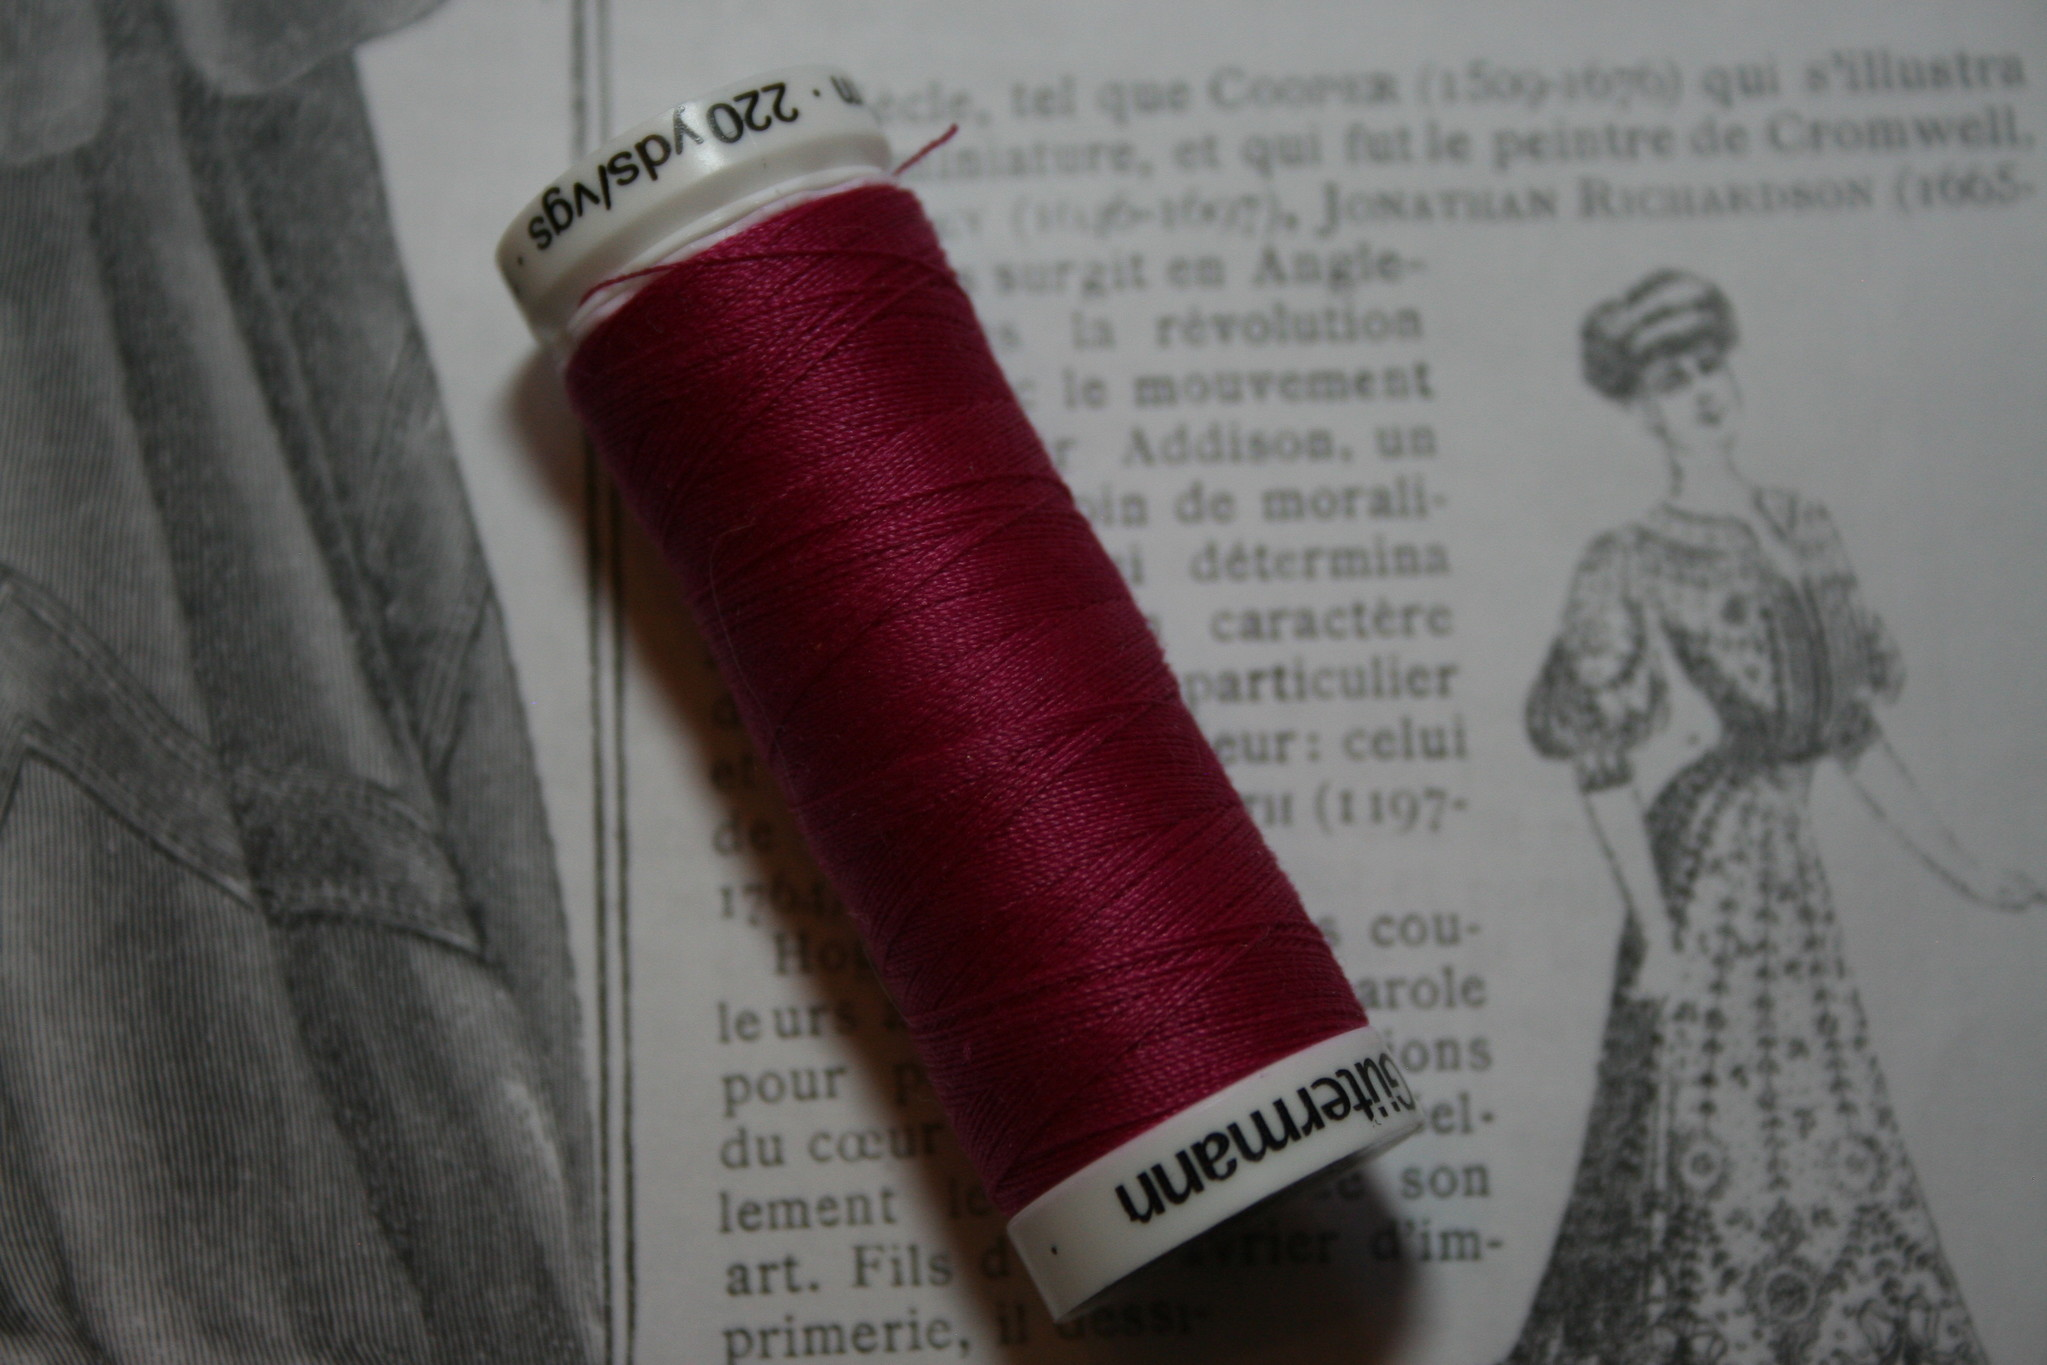 Gutermann machine thread 200m.